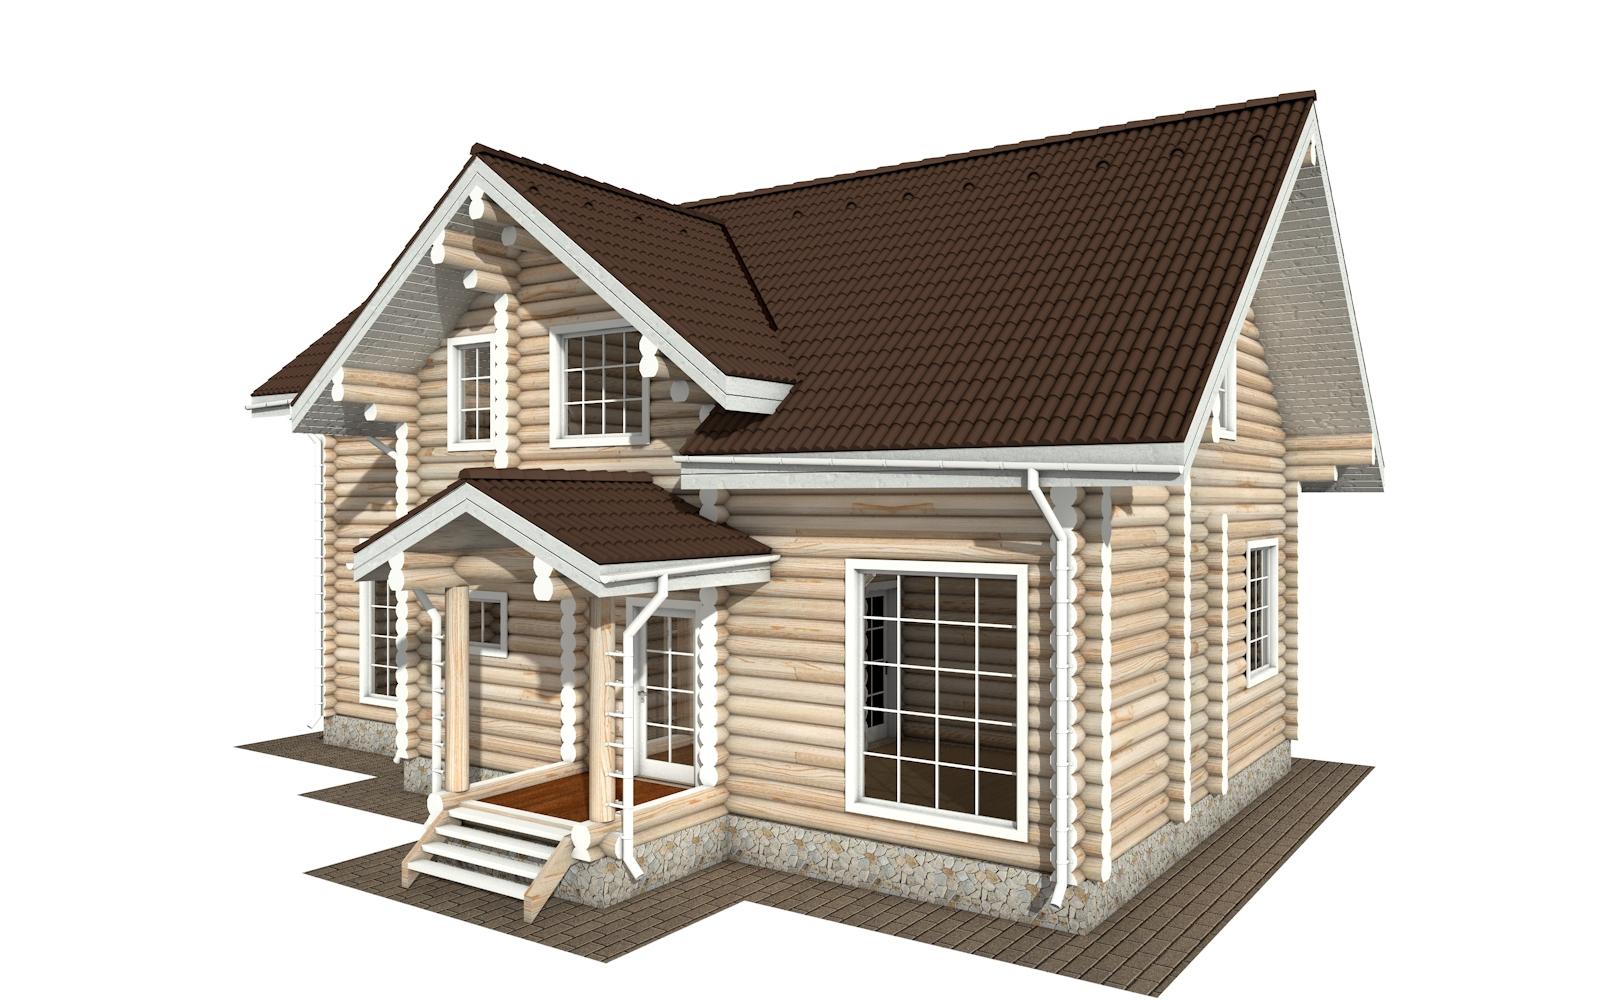 РС-158 - деревянный дома из бревна (из сруба)